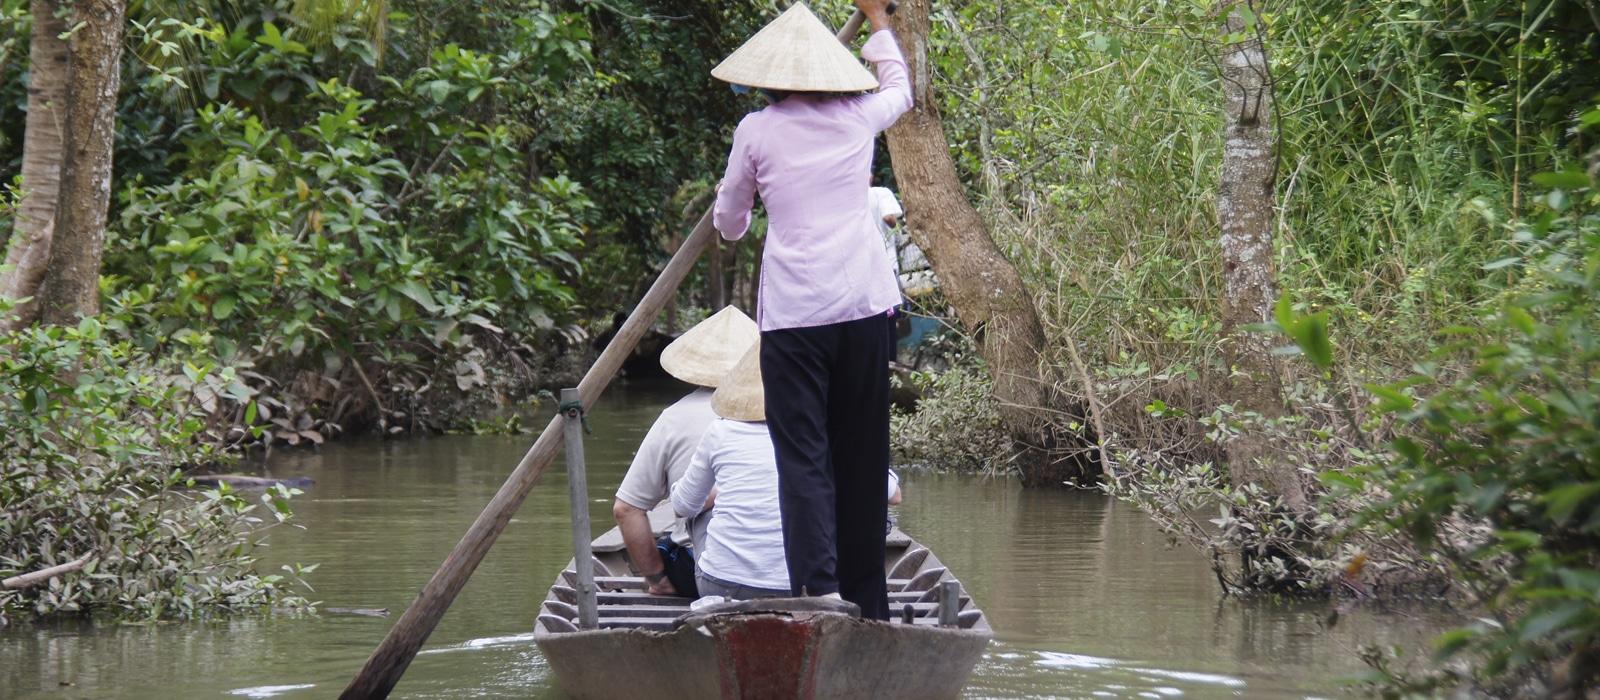 img-diapo-entete - Vietnam-1600x700-14.jpg